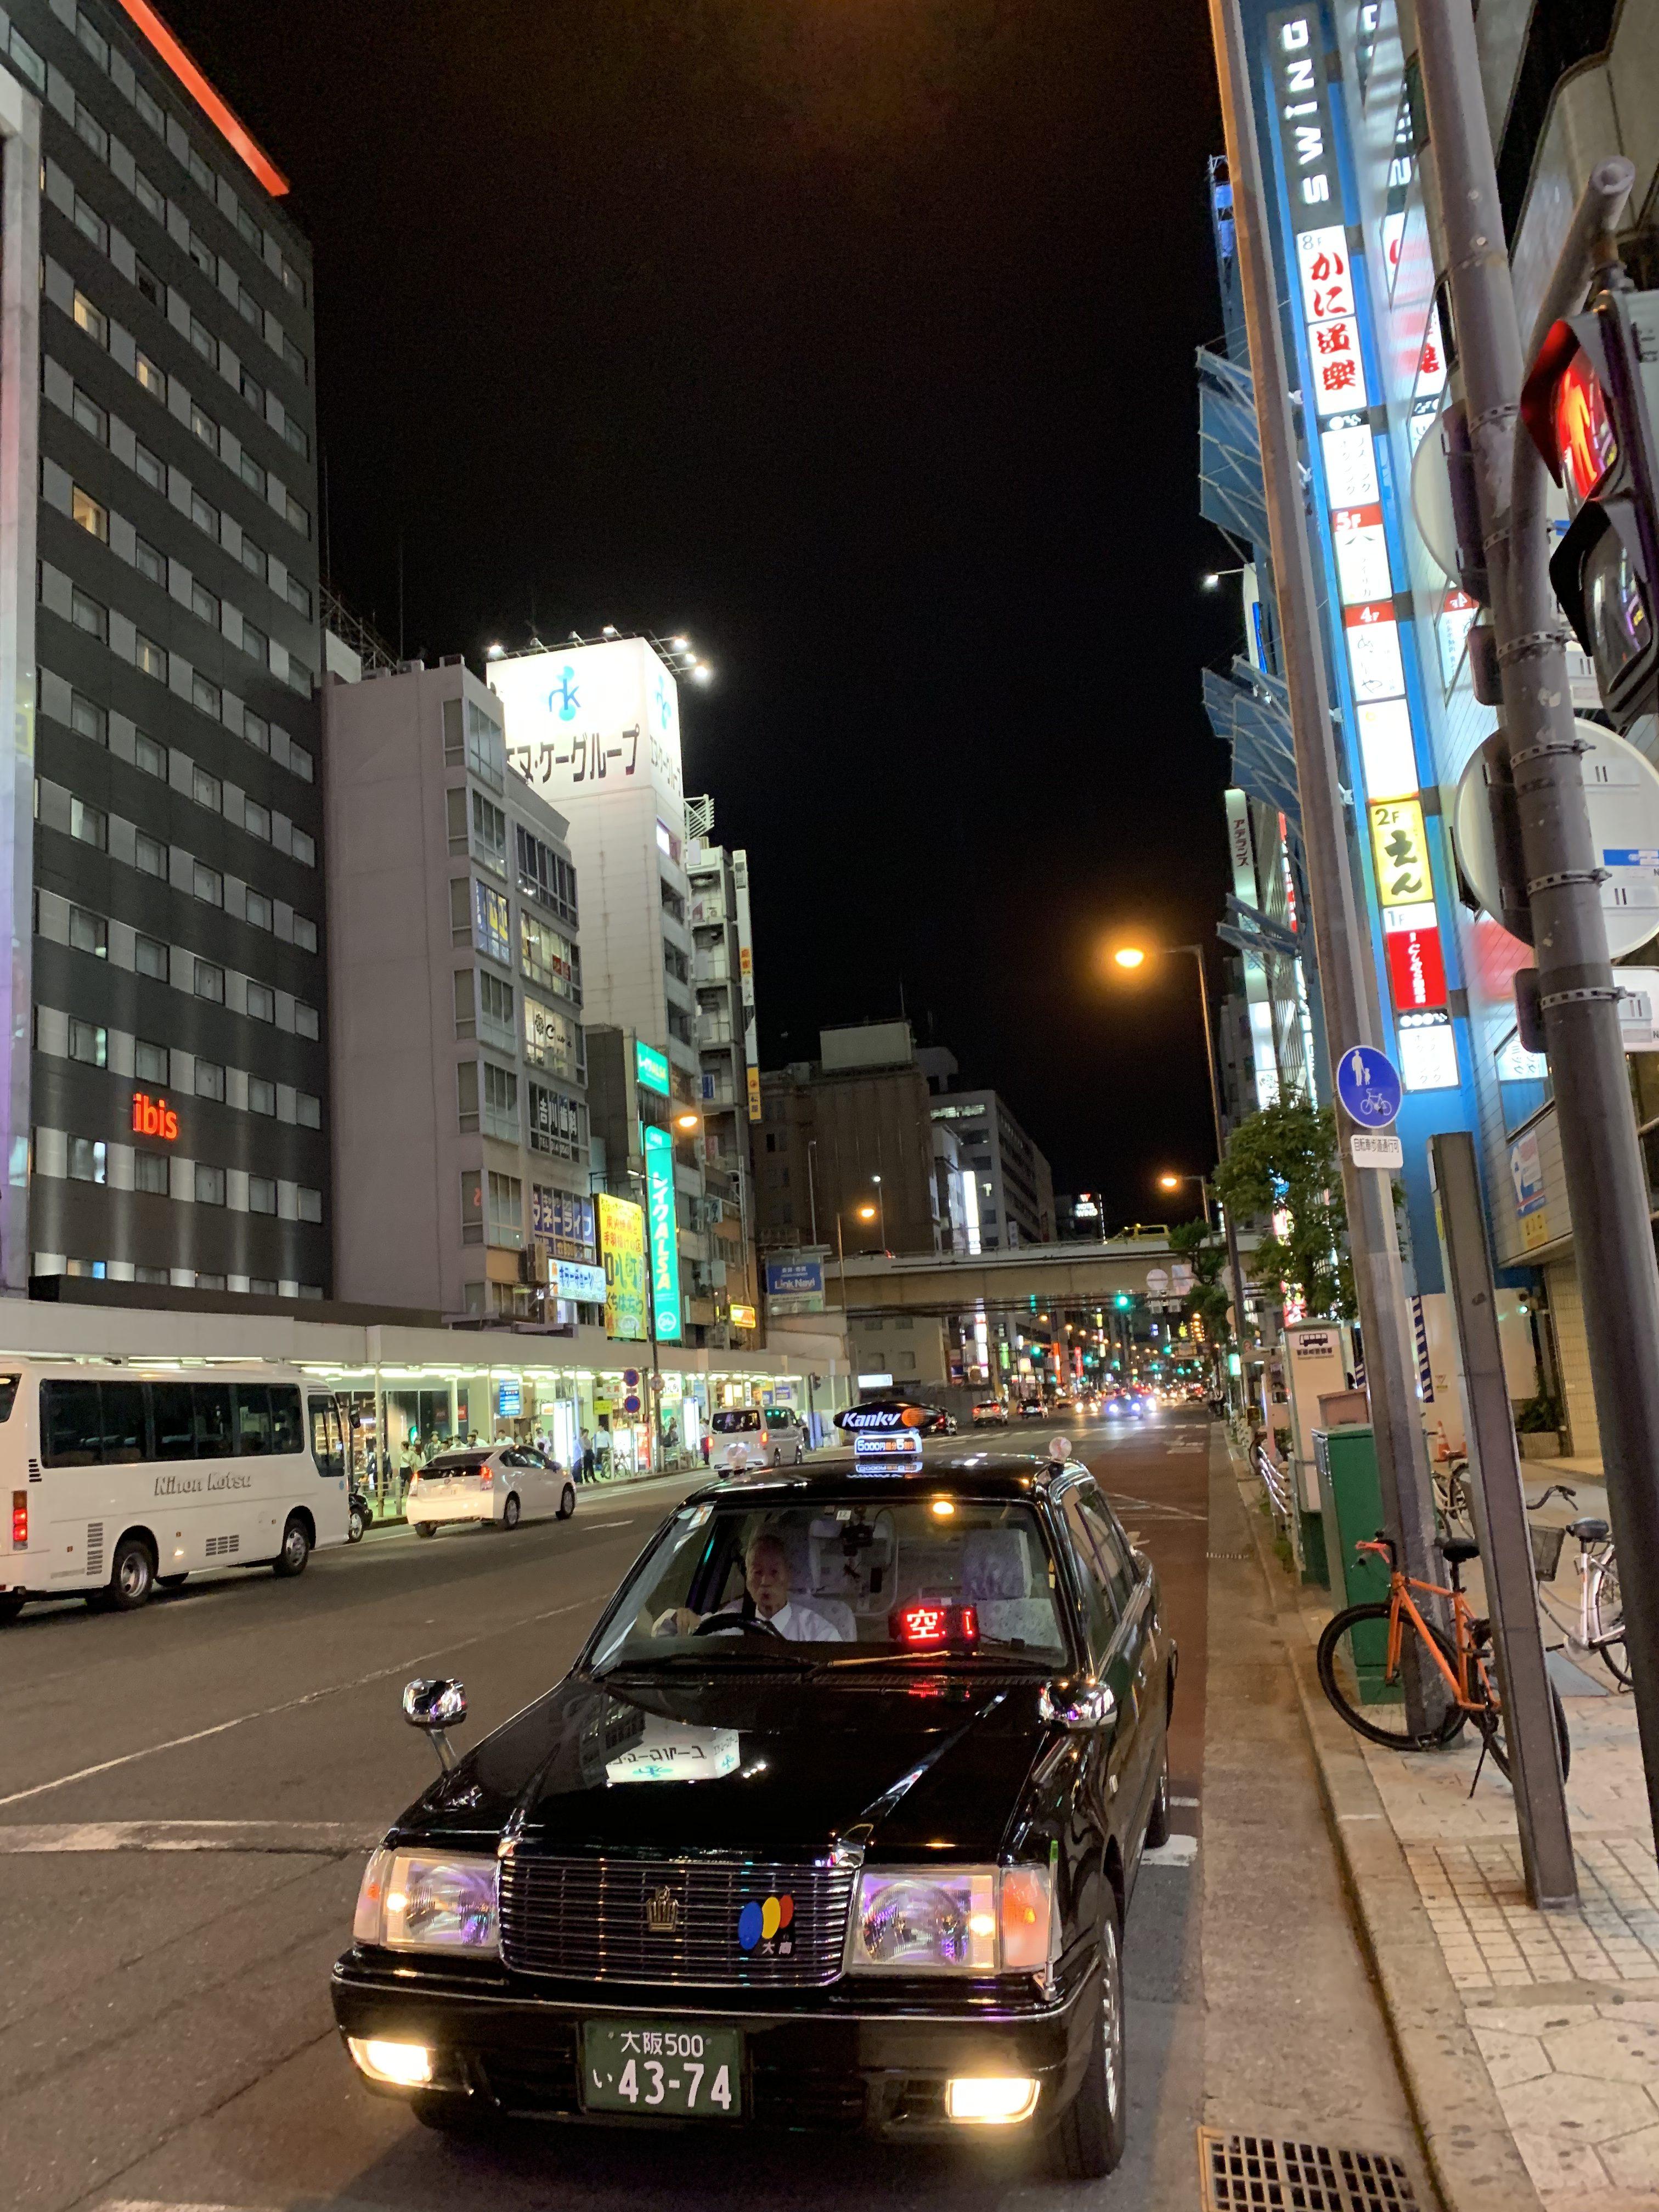 星野リゾート外国人急増で西成隣接地に大型ホテル建造し顧客拡大